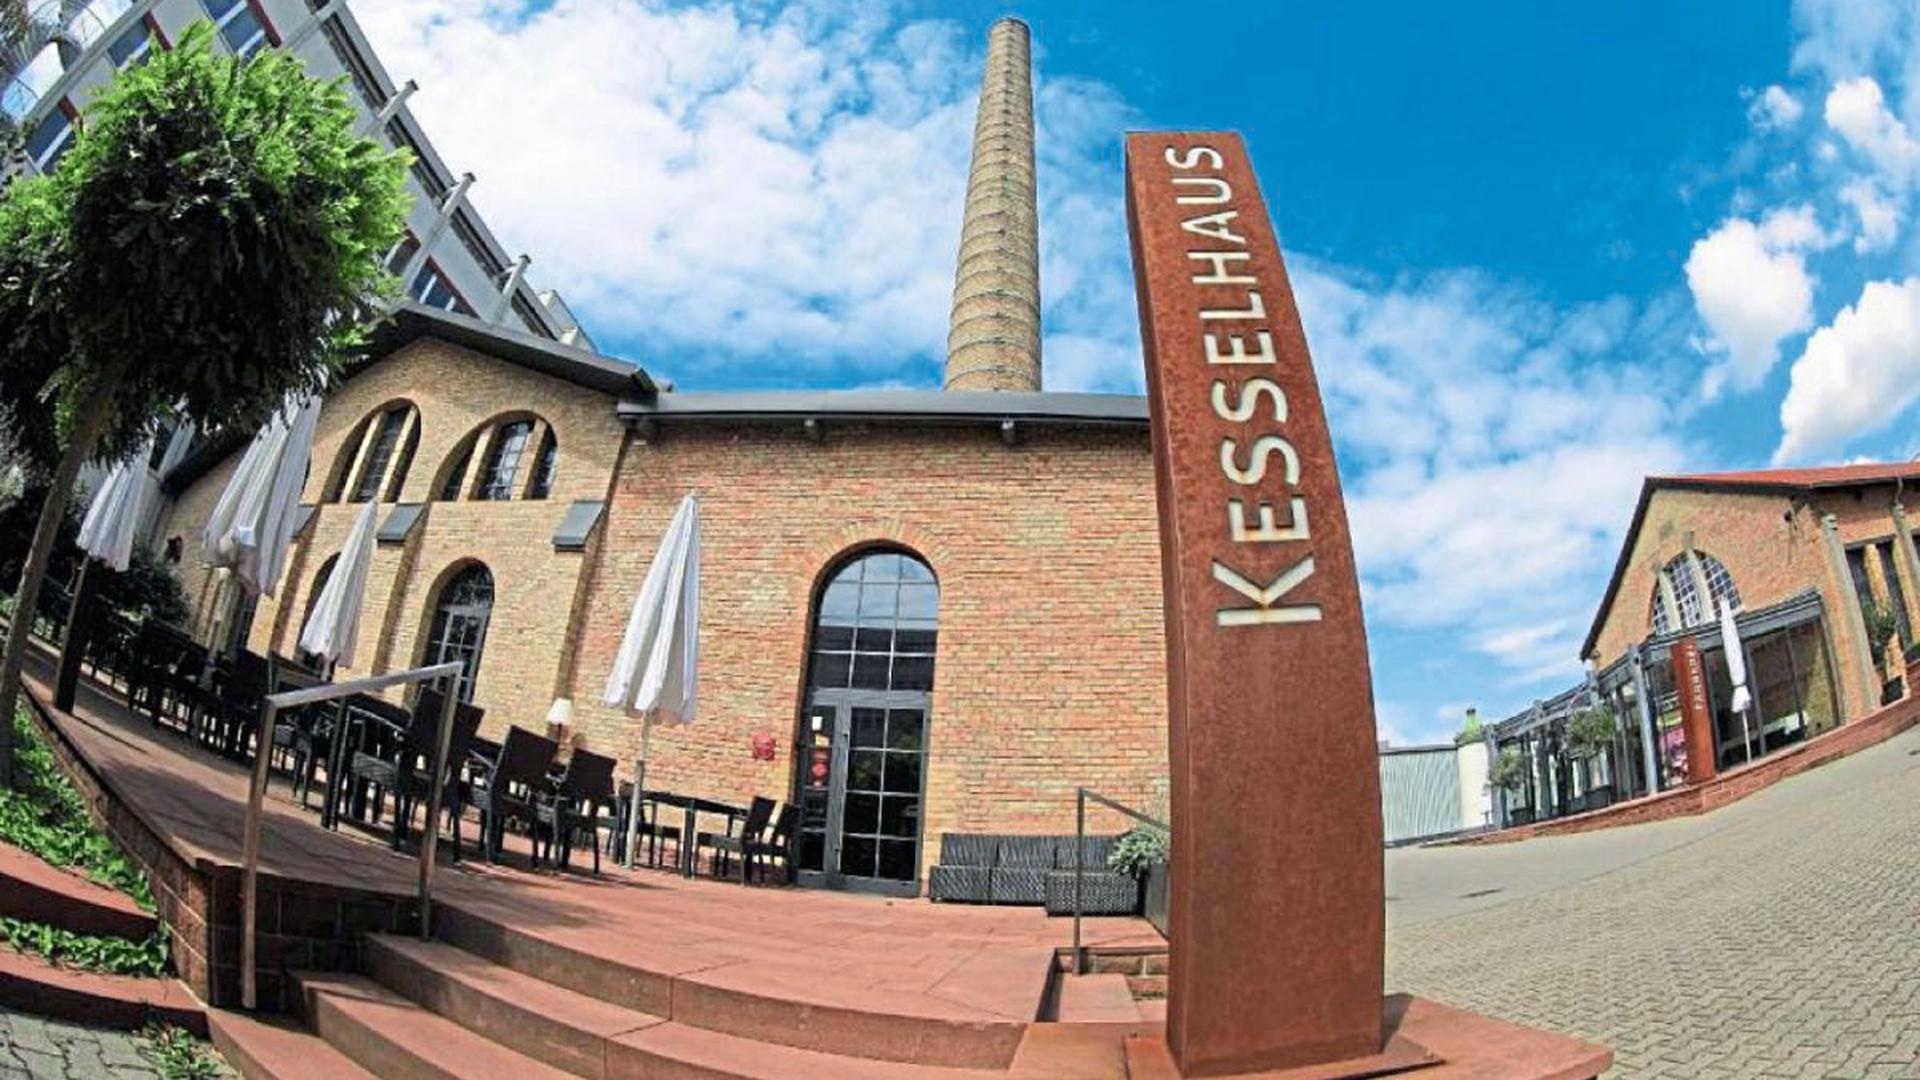 Ehemaliges Karlsruher Sterne-Restaurant Kesselhaus in der Krise: Bereits im Juli wurde wegen der wirtschaftlichen Schieflage ein zunächst dreimonatiges Insolvenzverfahren eröffnet.